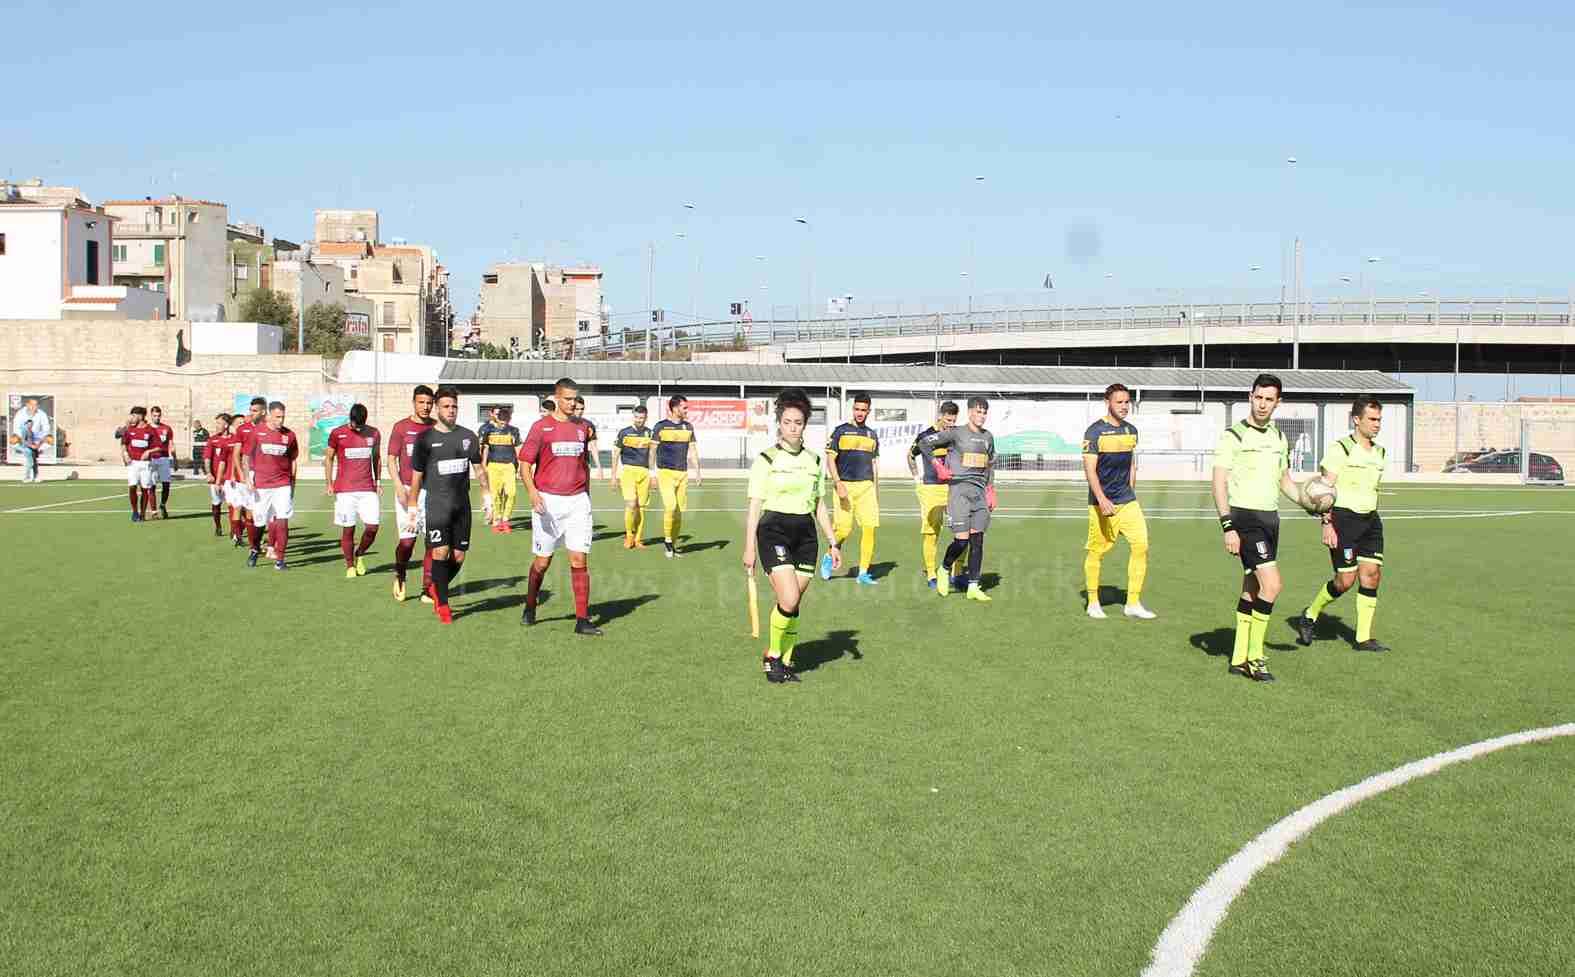 Da domani sospese tutte le attività sportive dilettantistiche siciliane